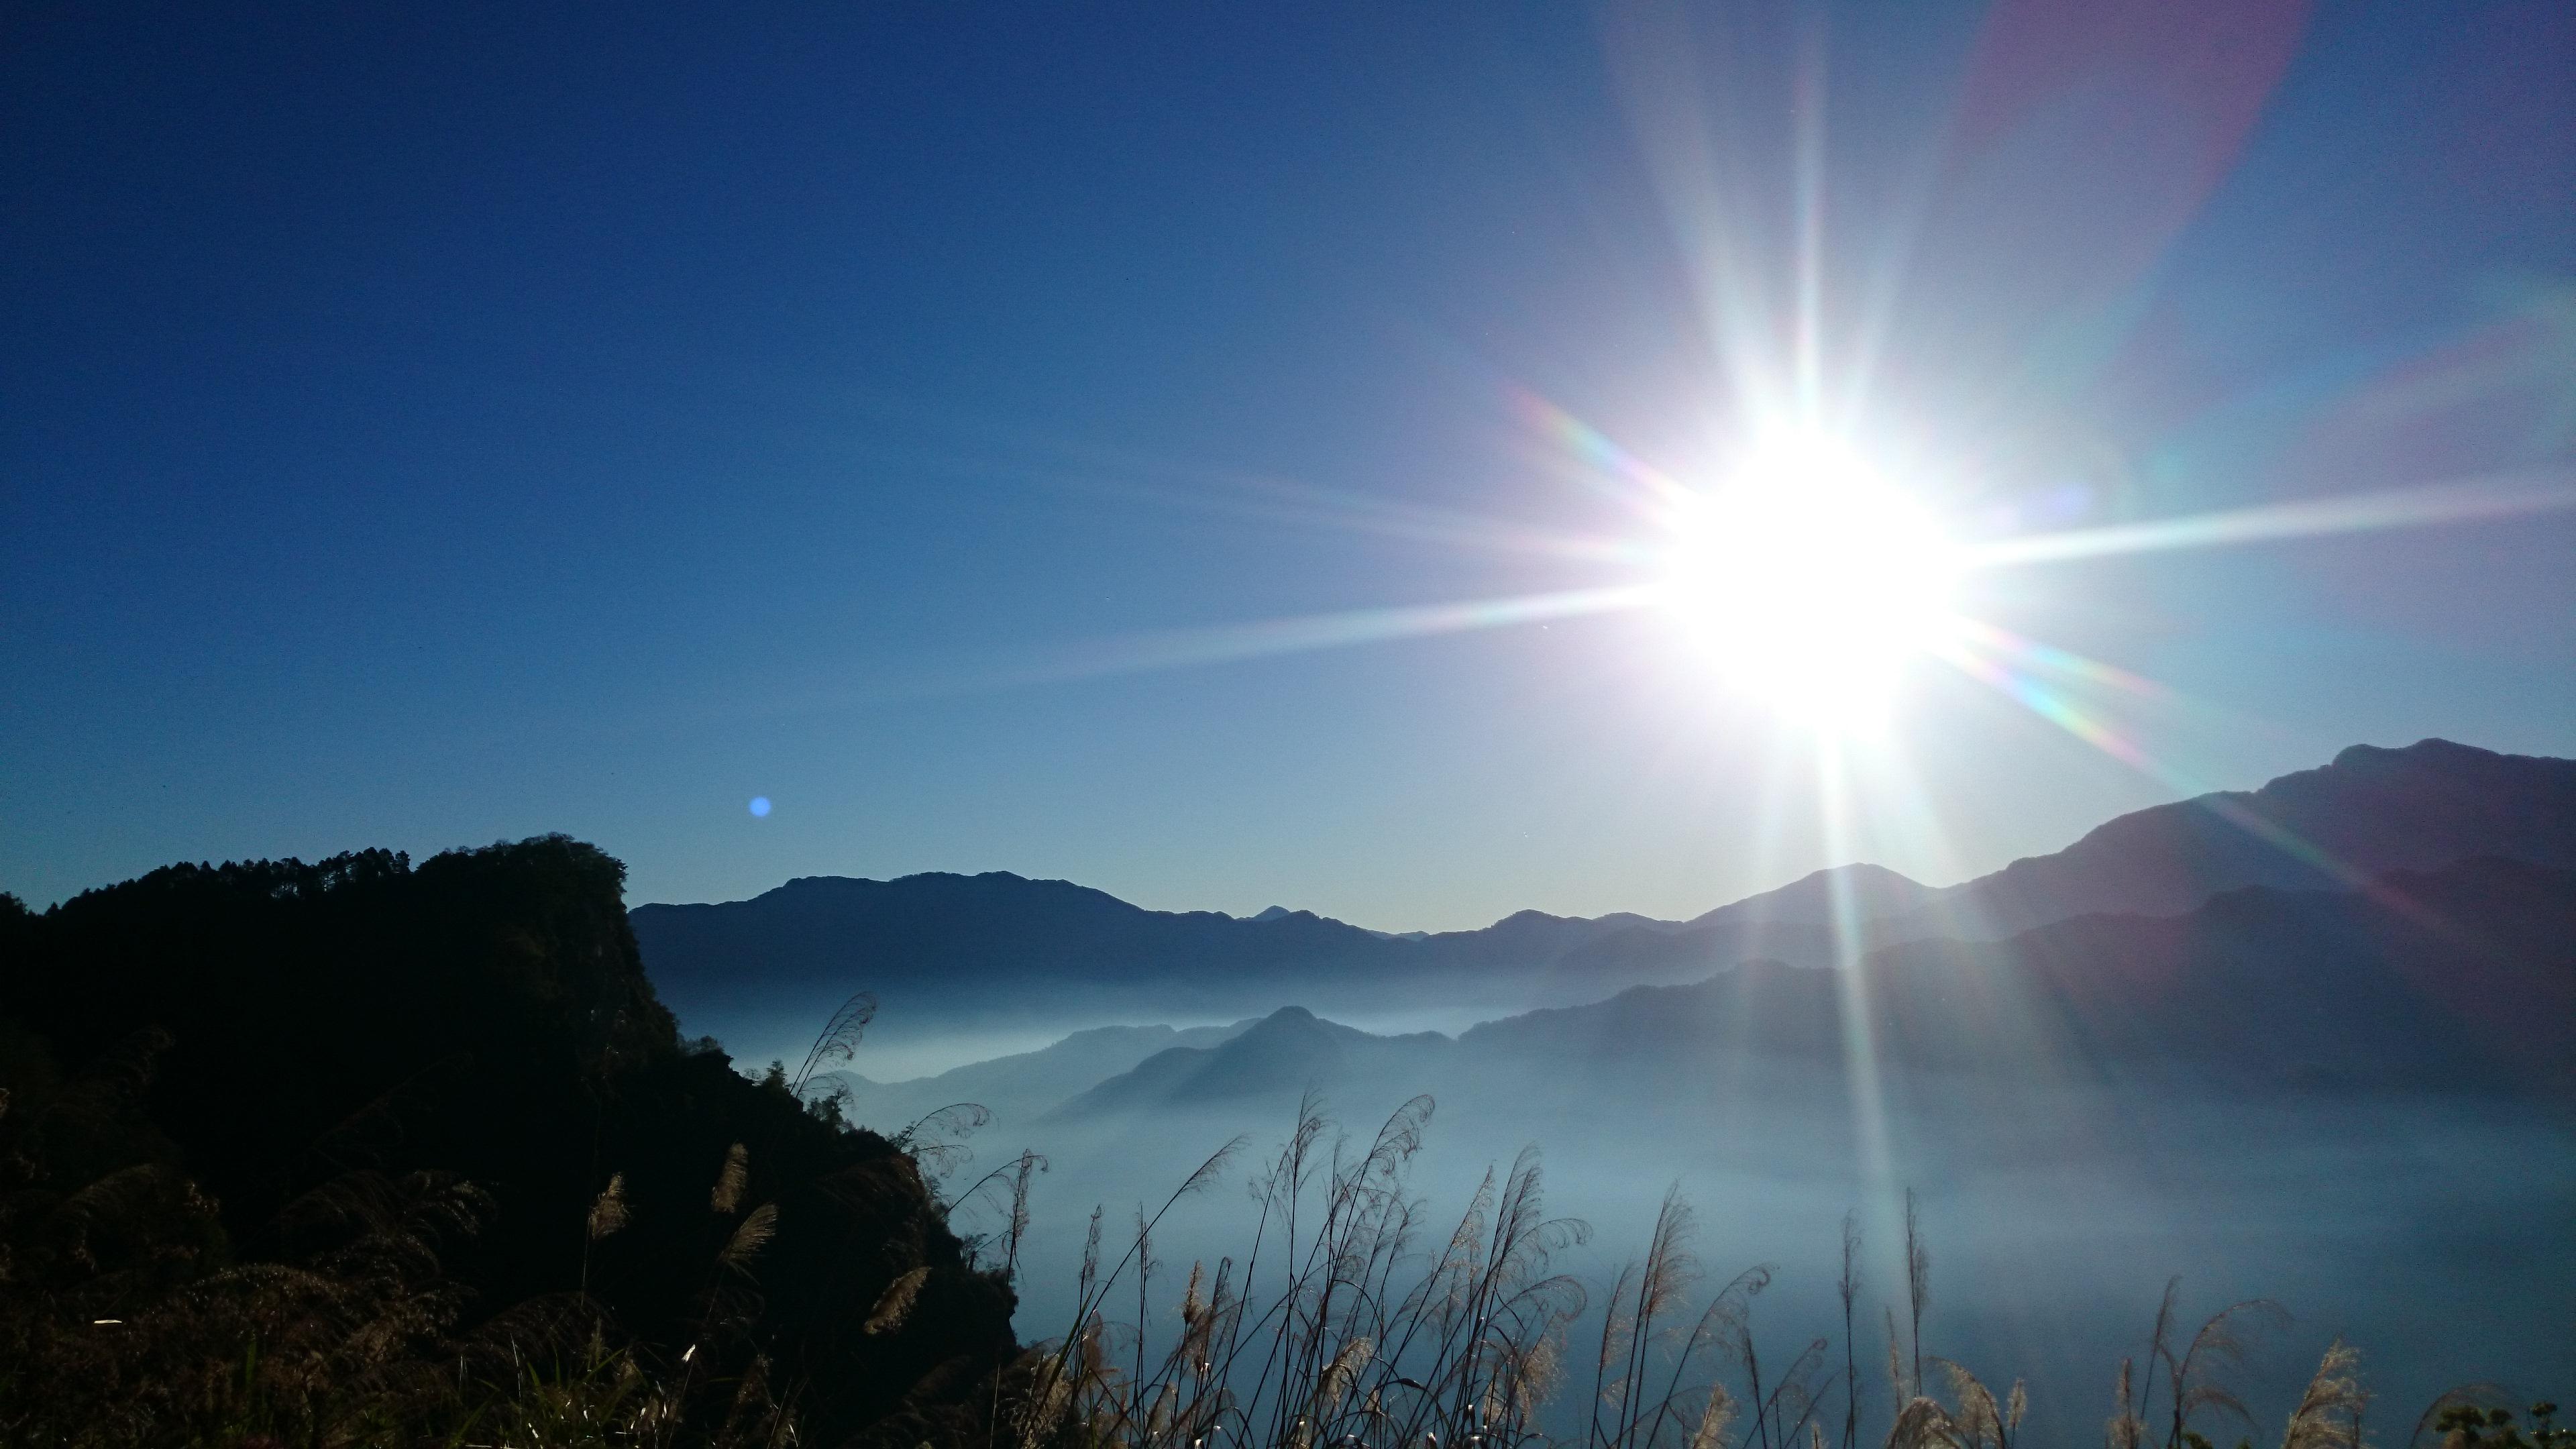 台湾ブログ 阿里山のご来光